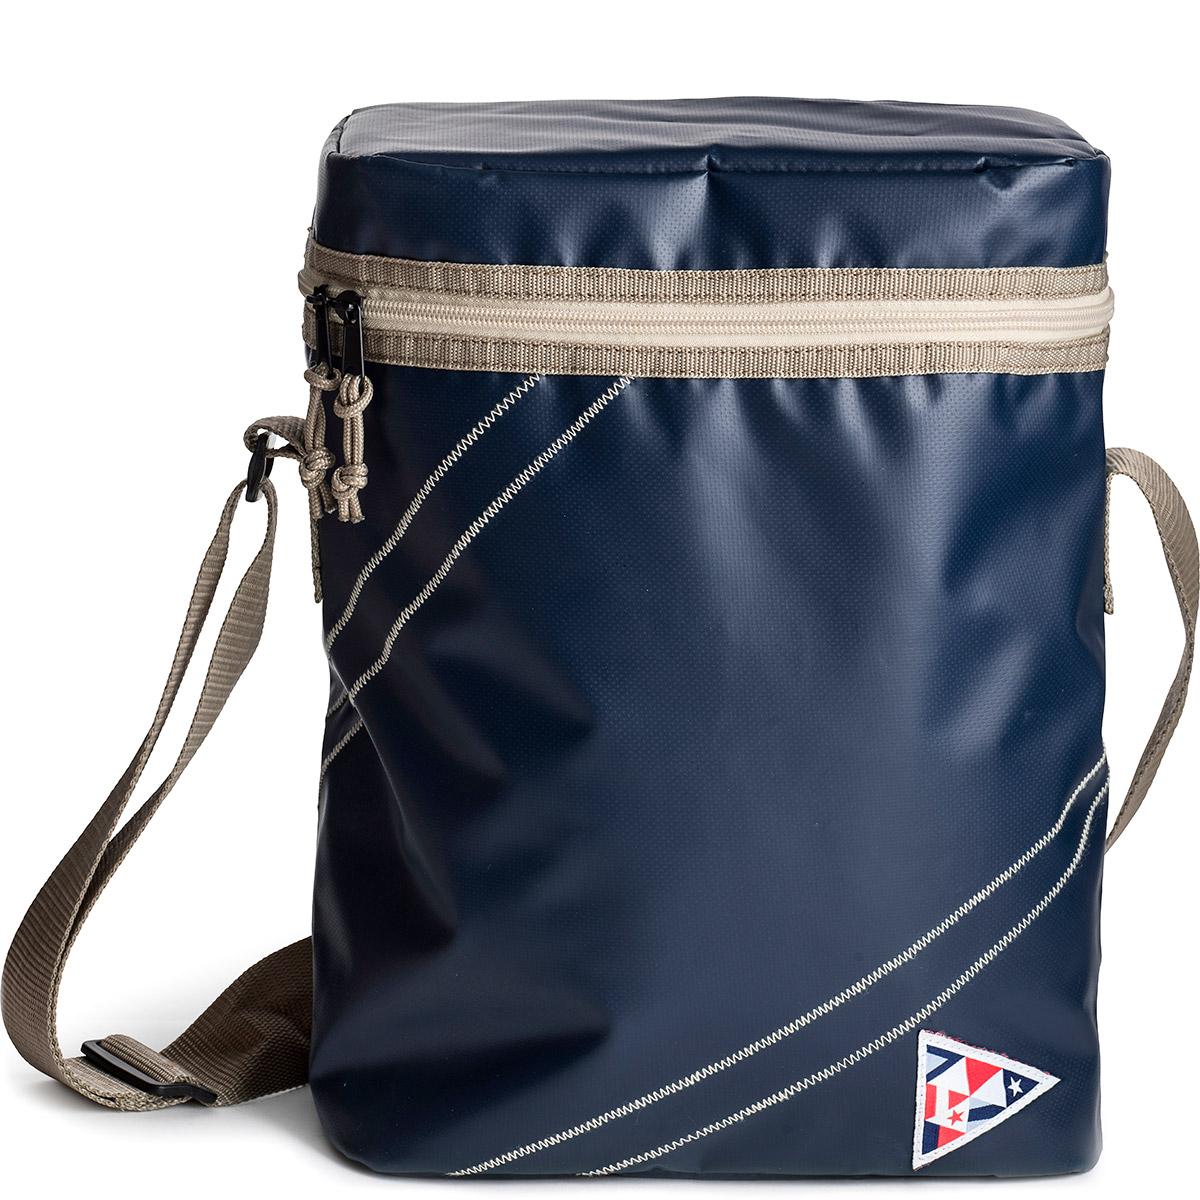 torba piknikowa termoizolacyjna nautic sagaform granatowa sklep internetowy galerialimonkapl